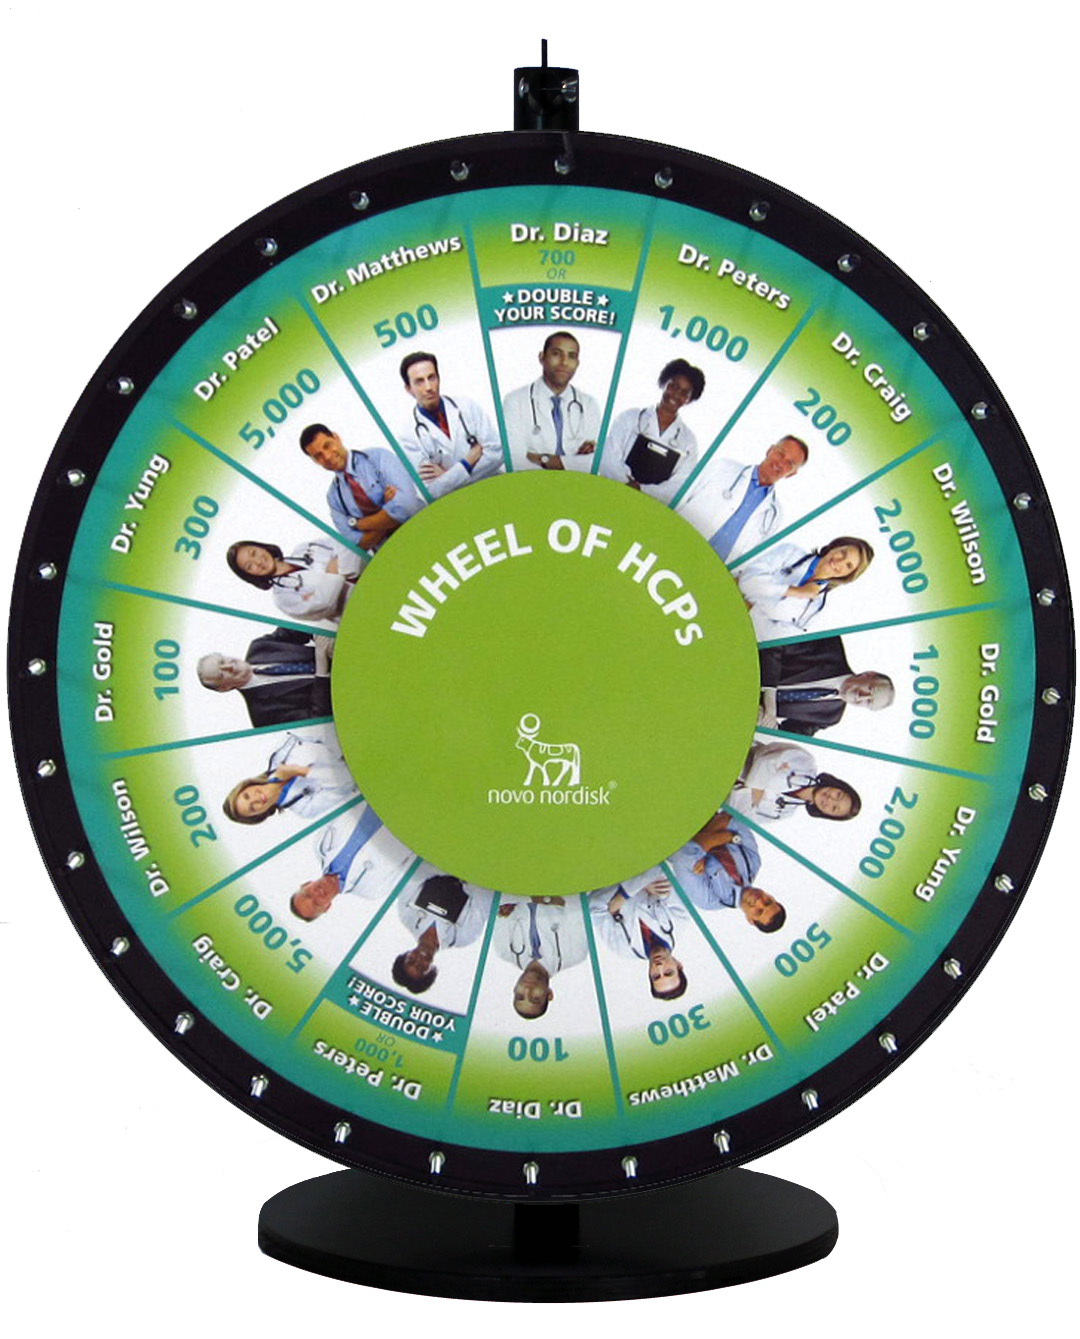 30-inch-custom-prize-wheel-bpoe-hcpsl-round.jpg